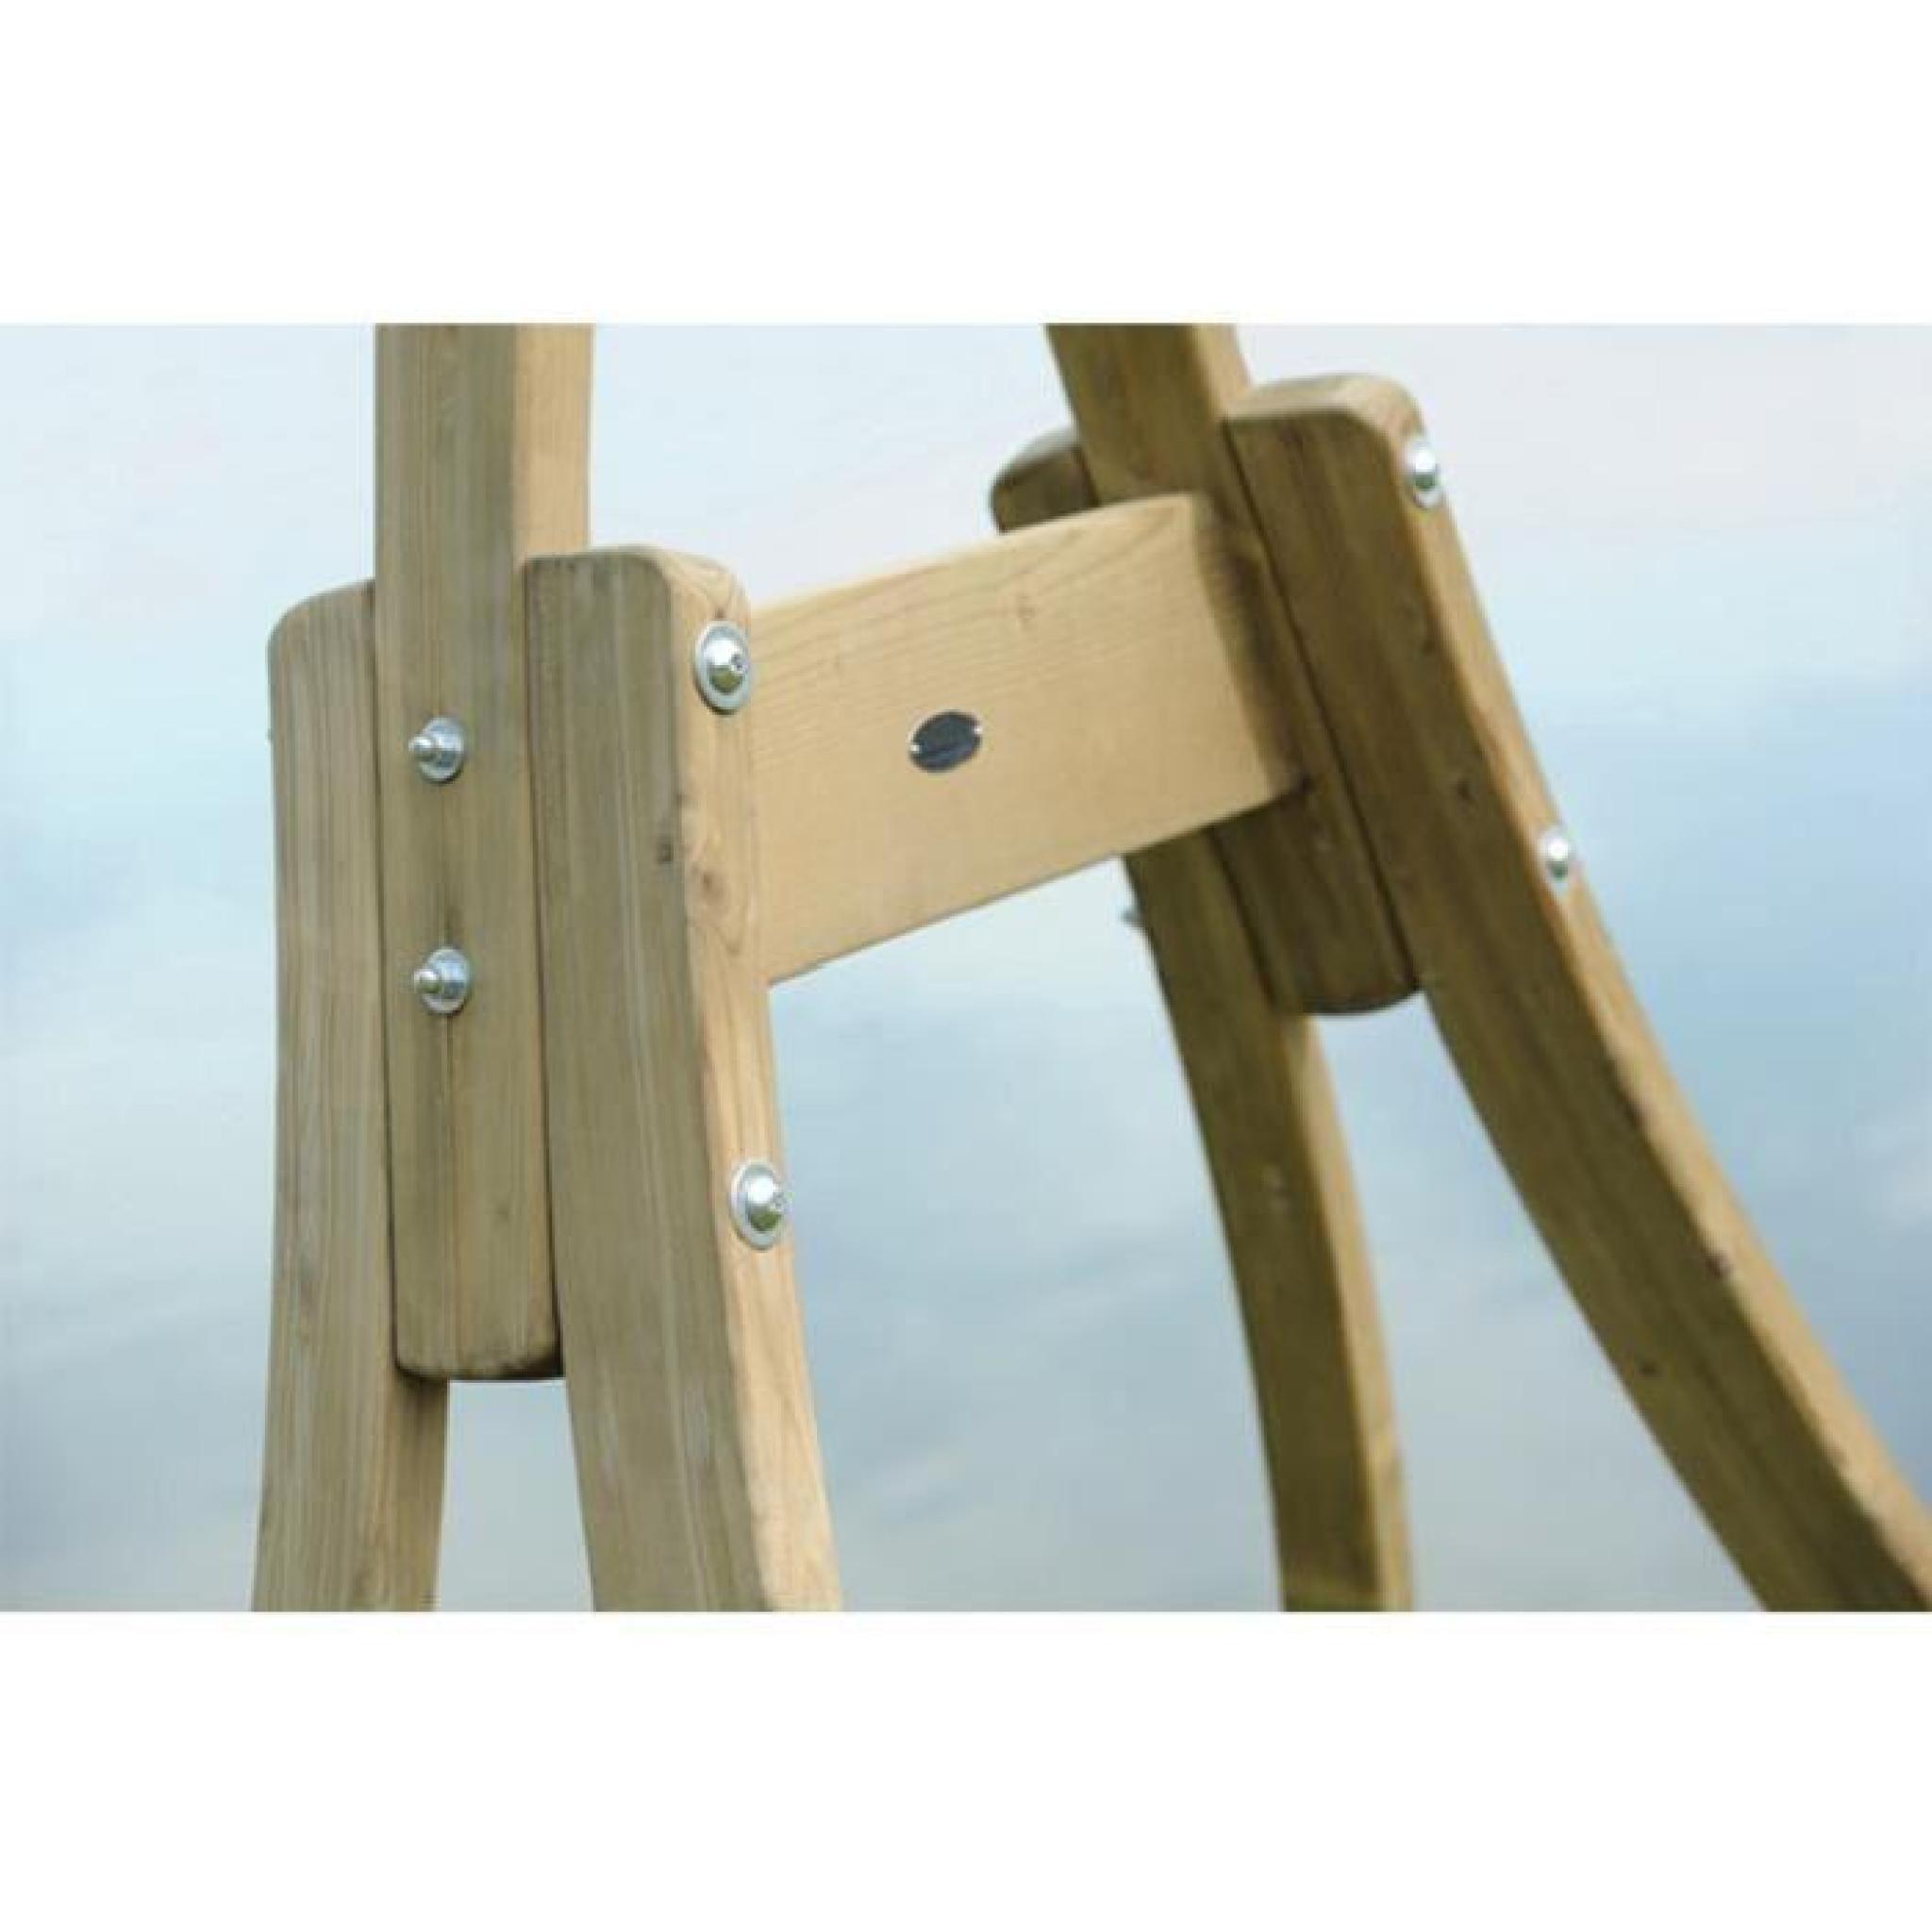 Support hamac bois pas cher maison design - Hamac pas cher sur pied ...